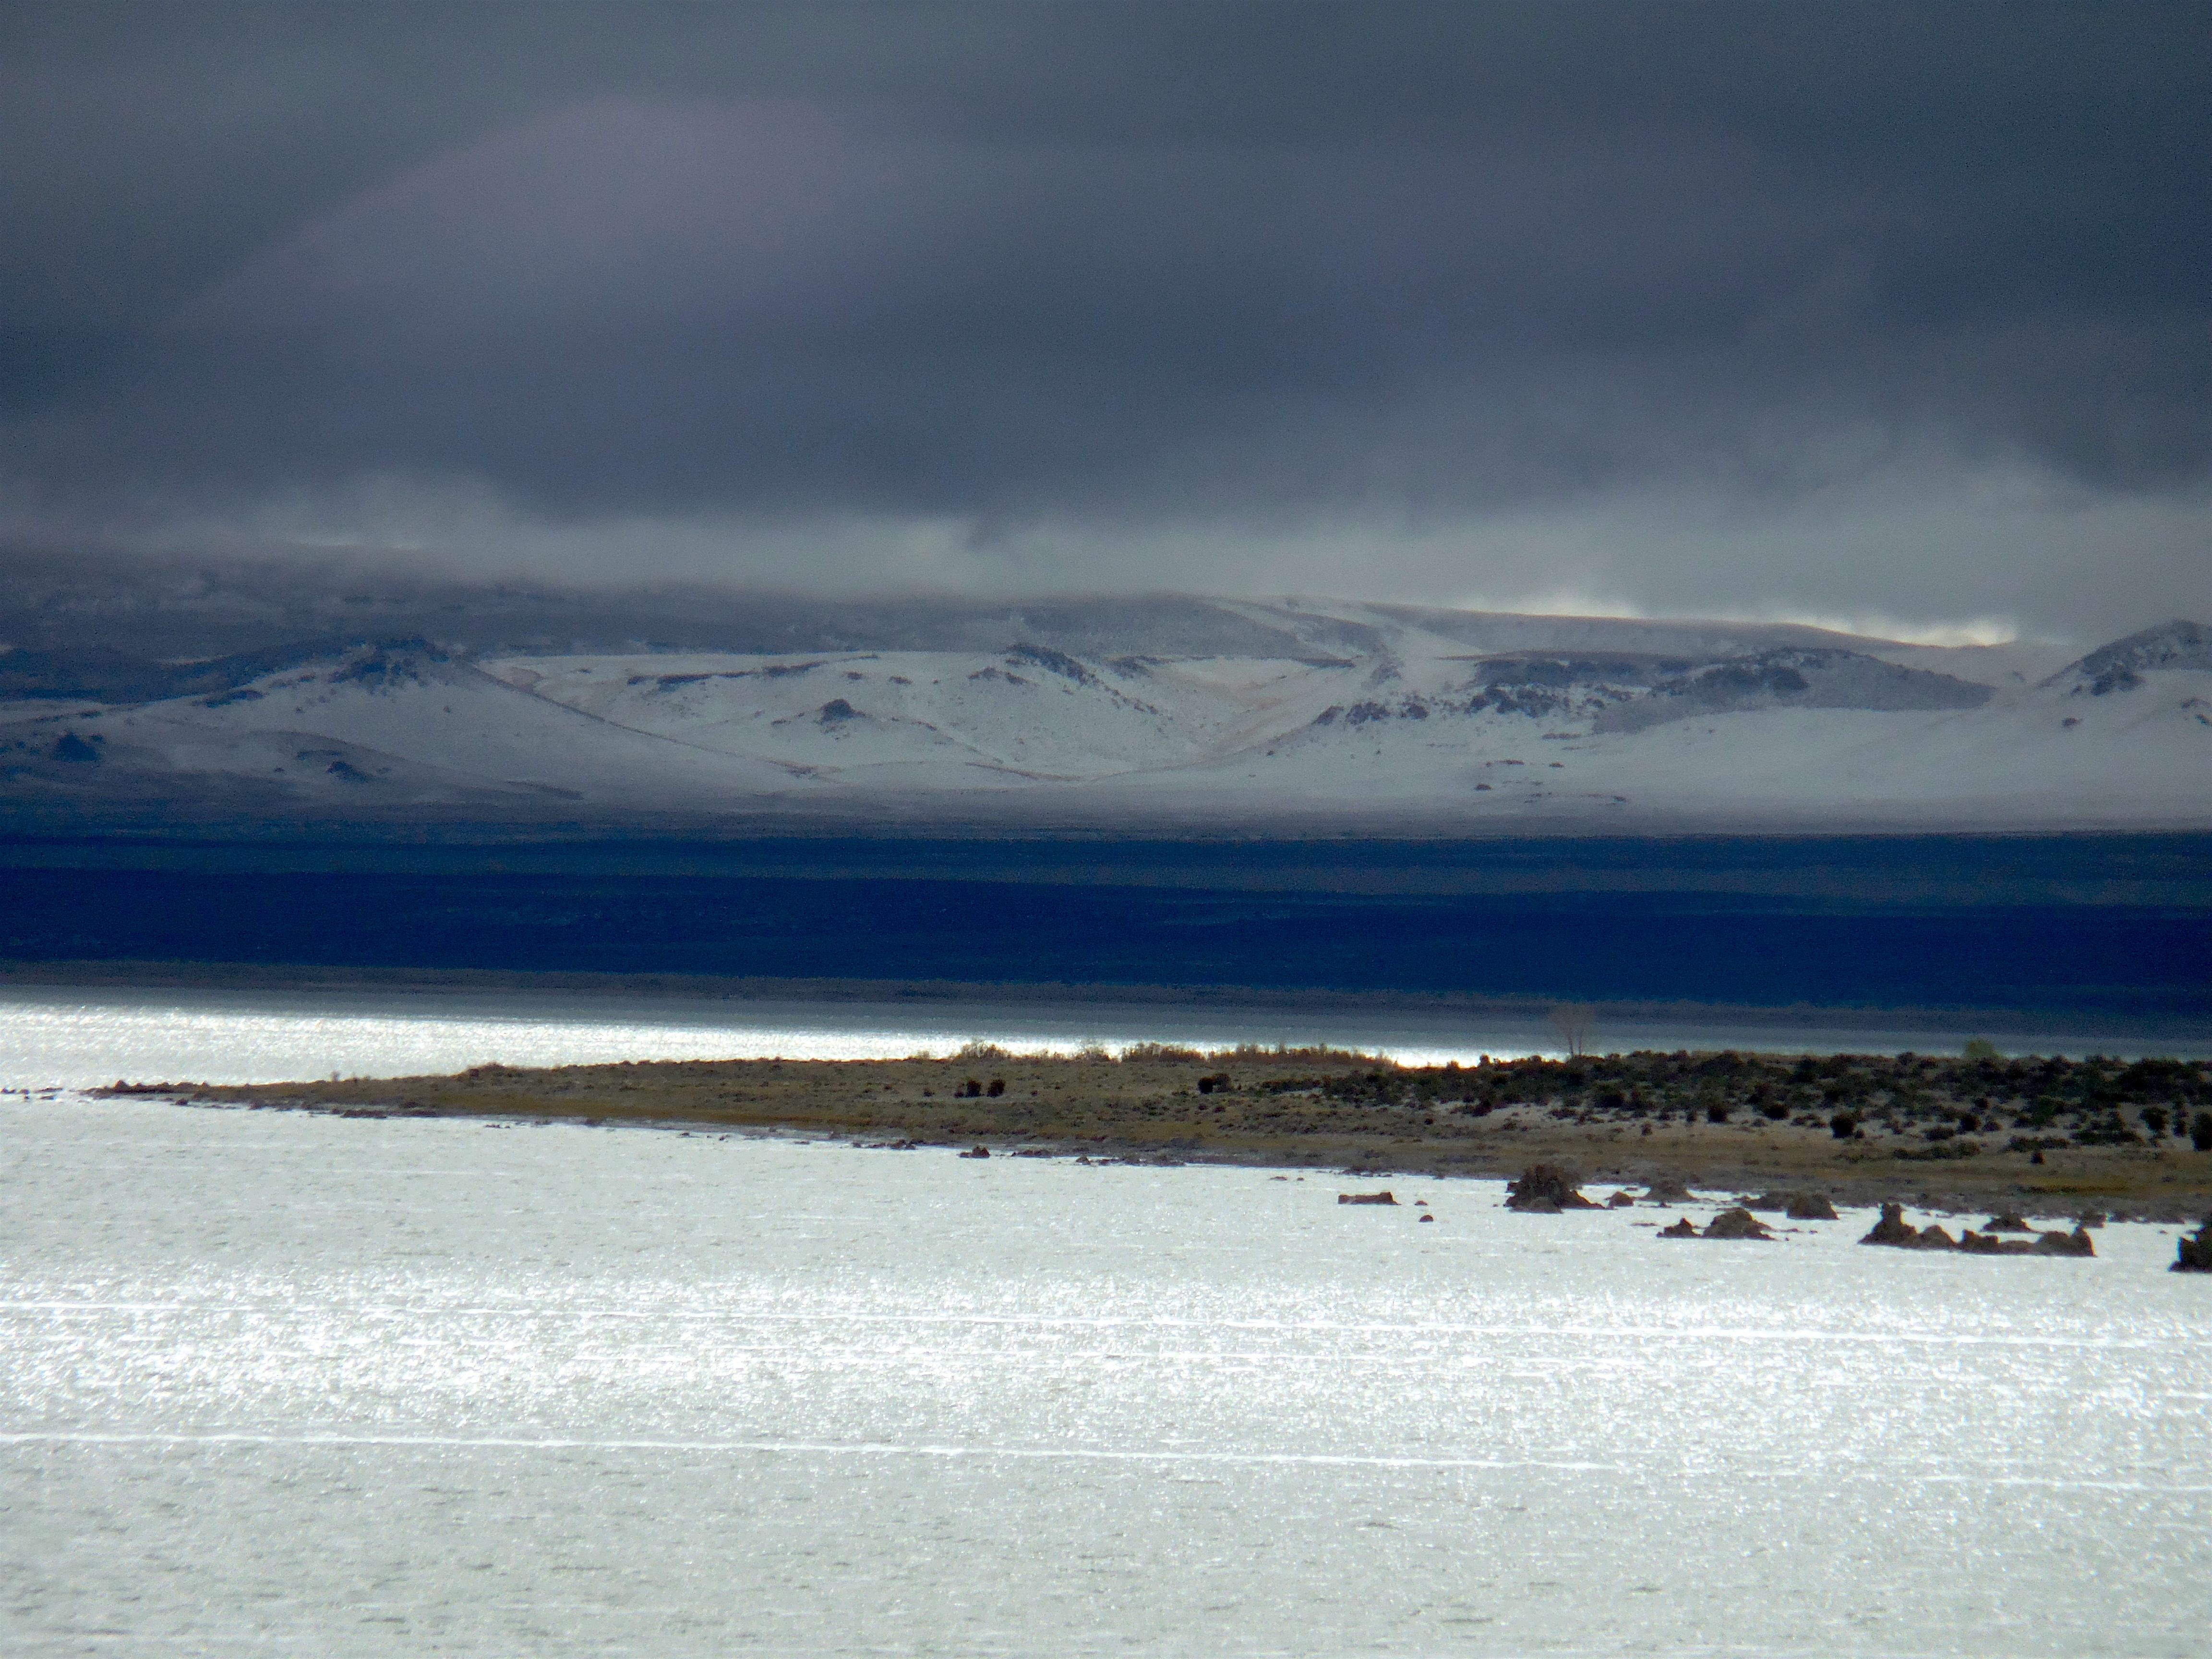 Mono Lake on Saturday morn. photo: miles clark/snowbrains